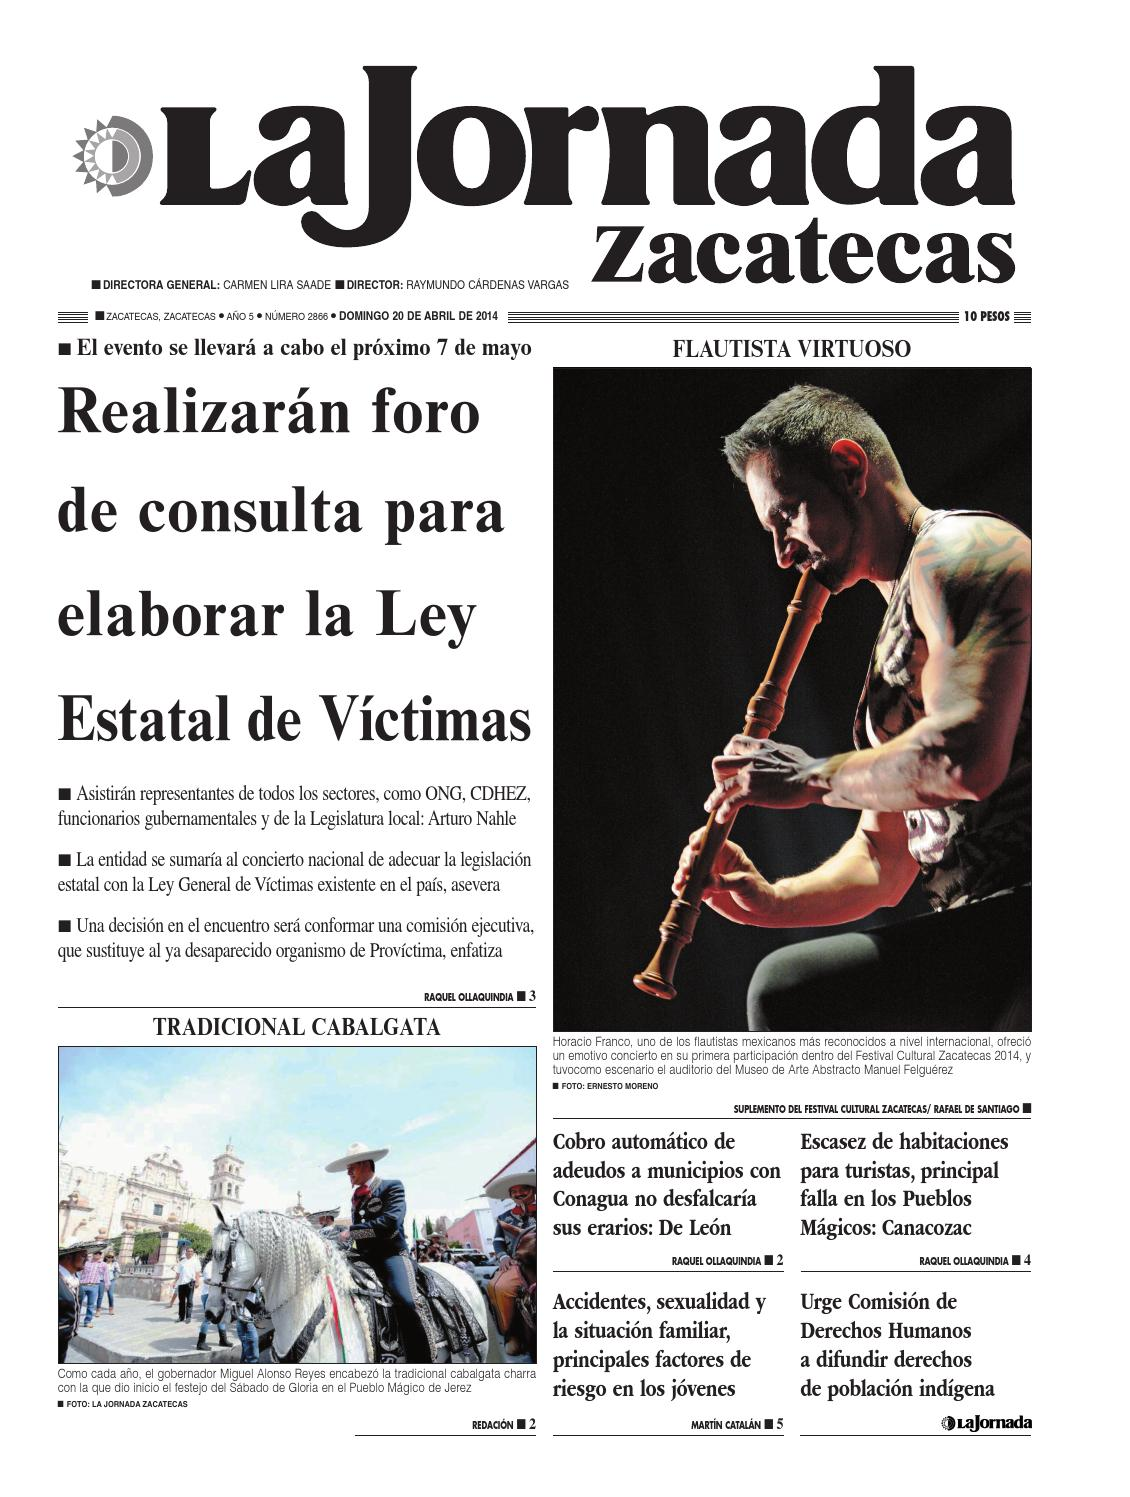 La Jornada Zacatecas Domingo 20 De Abril De 2014 By La Jornada  # Muebles Tumoine